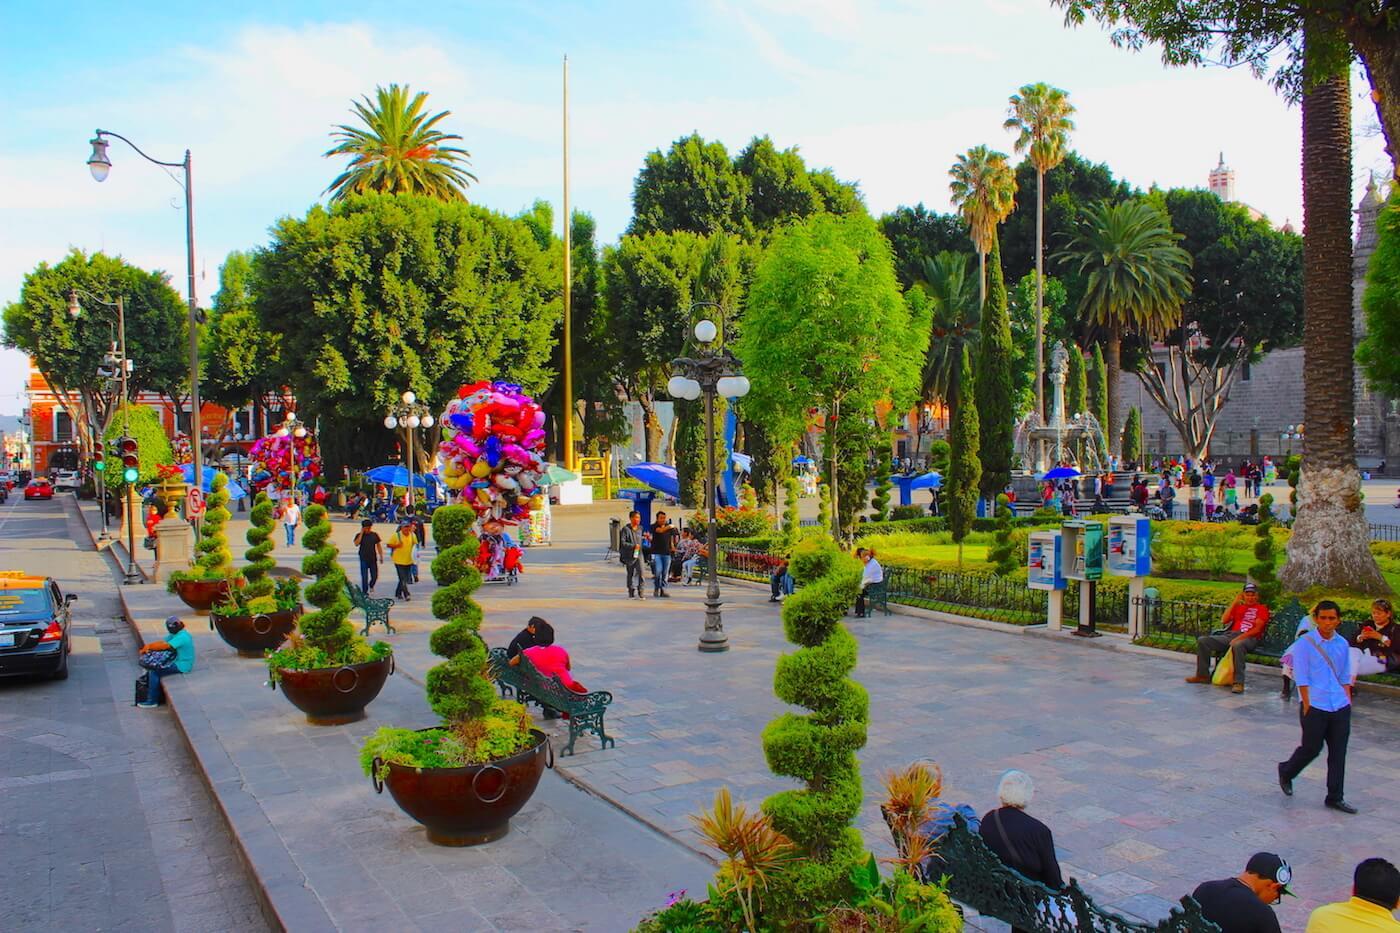 puebla park